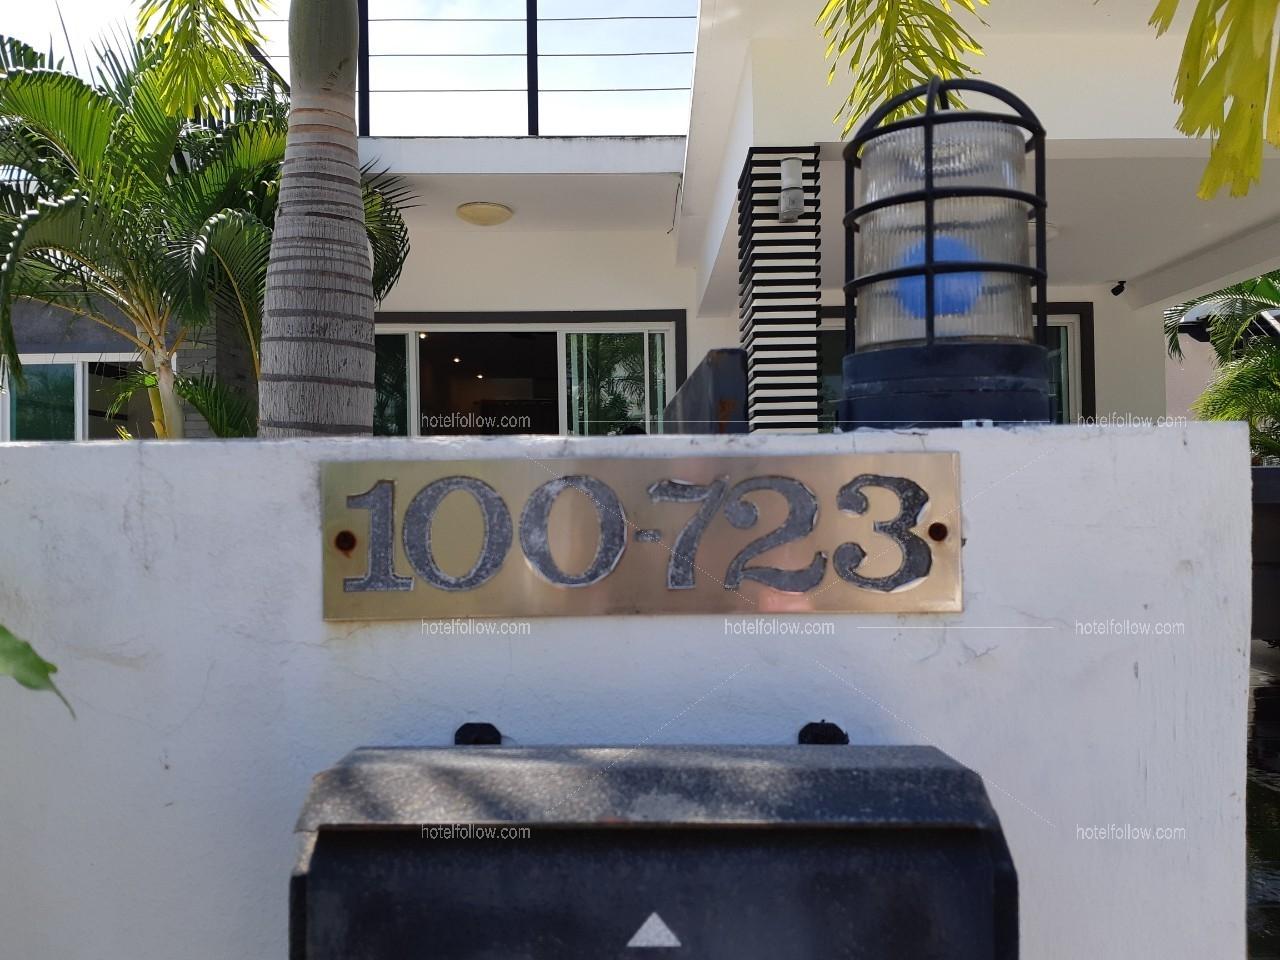 รูปของโรงแรม บ้านวันดี พูลวิลล่า หัวหิน { ปิ้งย่างได้ สระส่วนตัว }